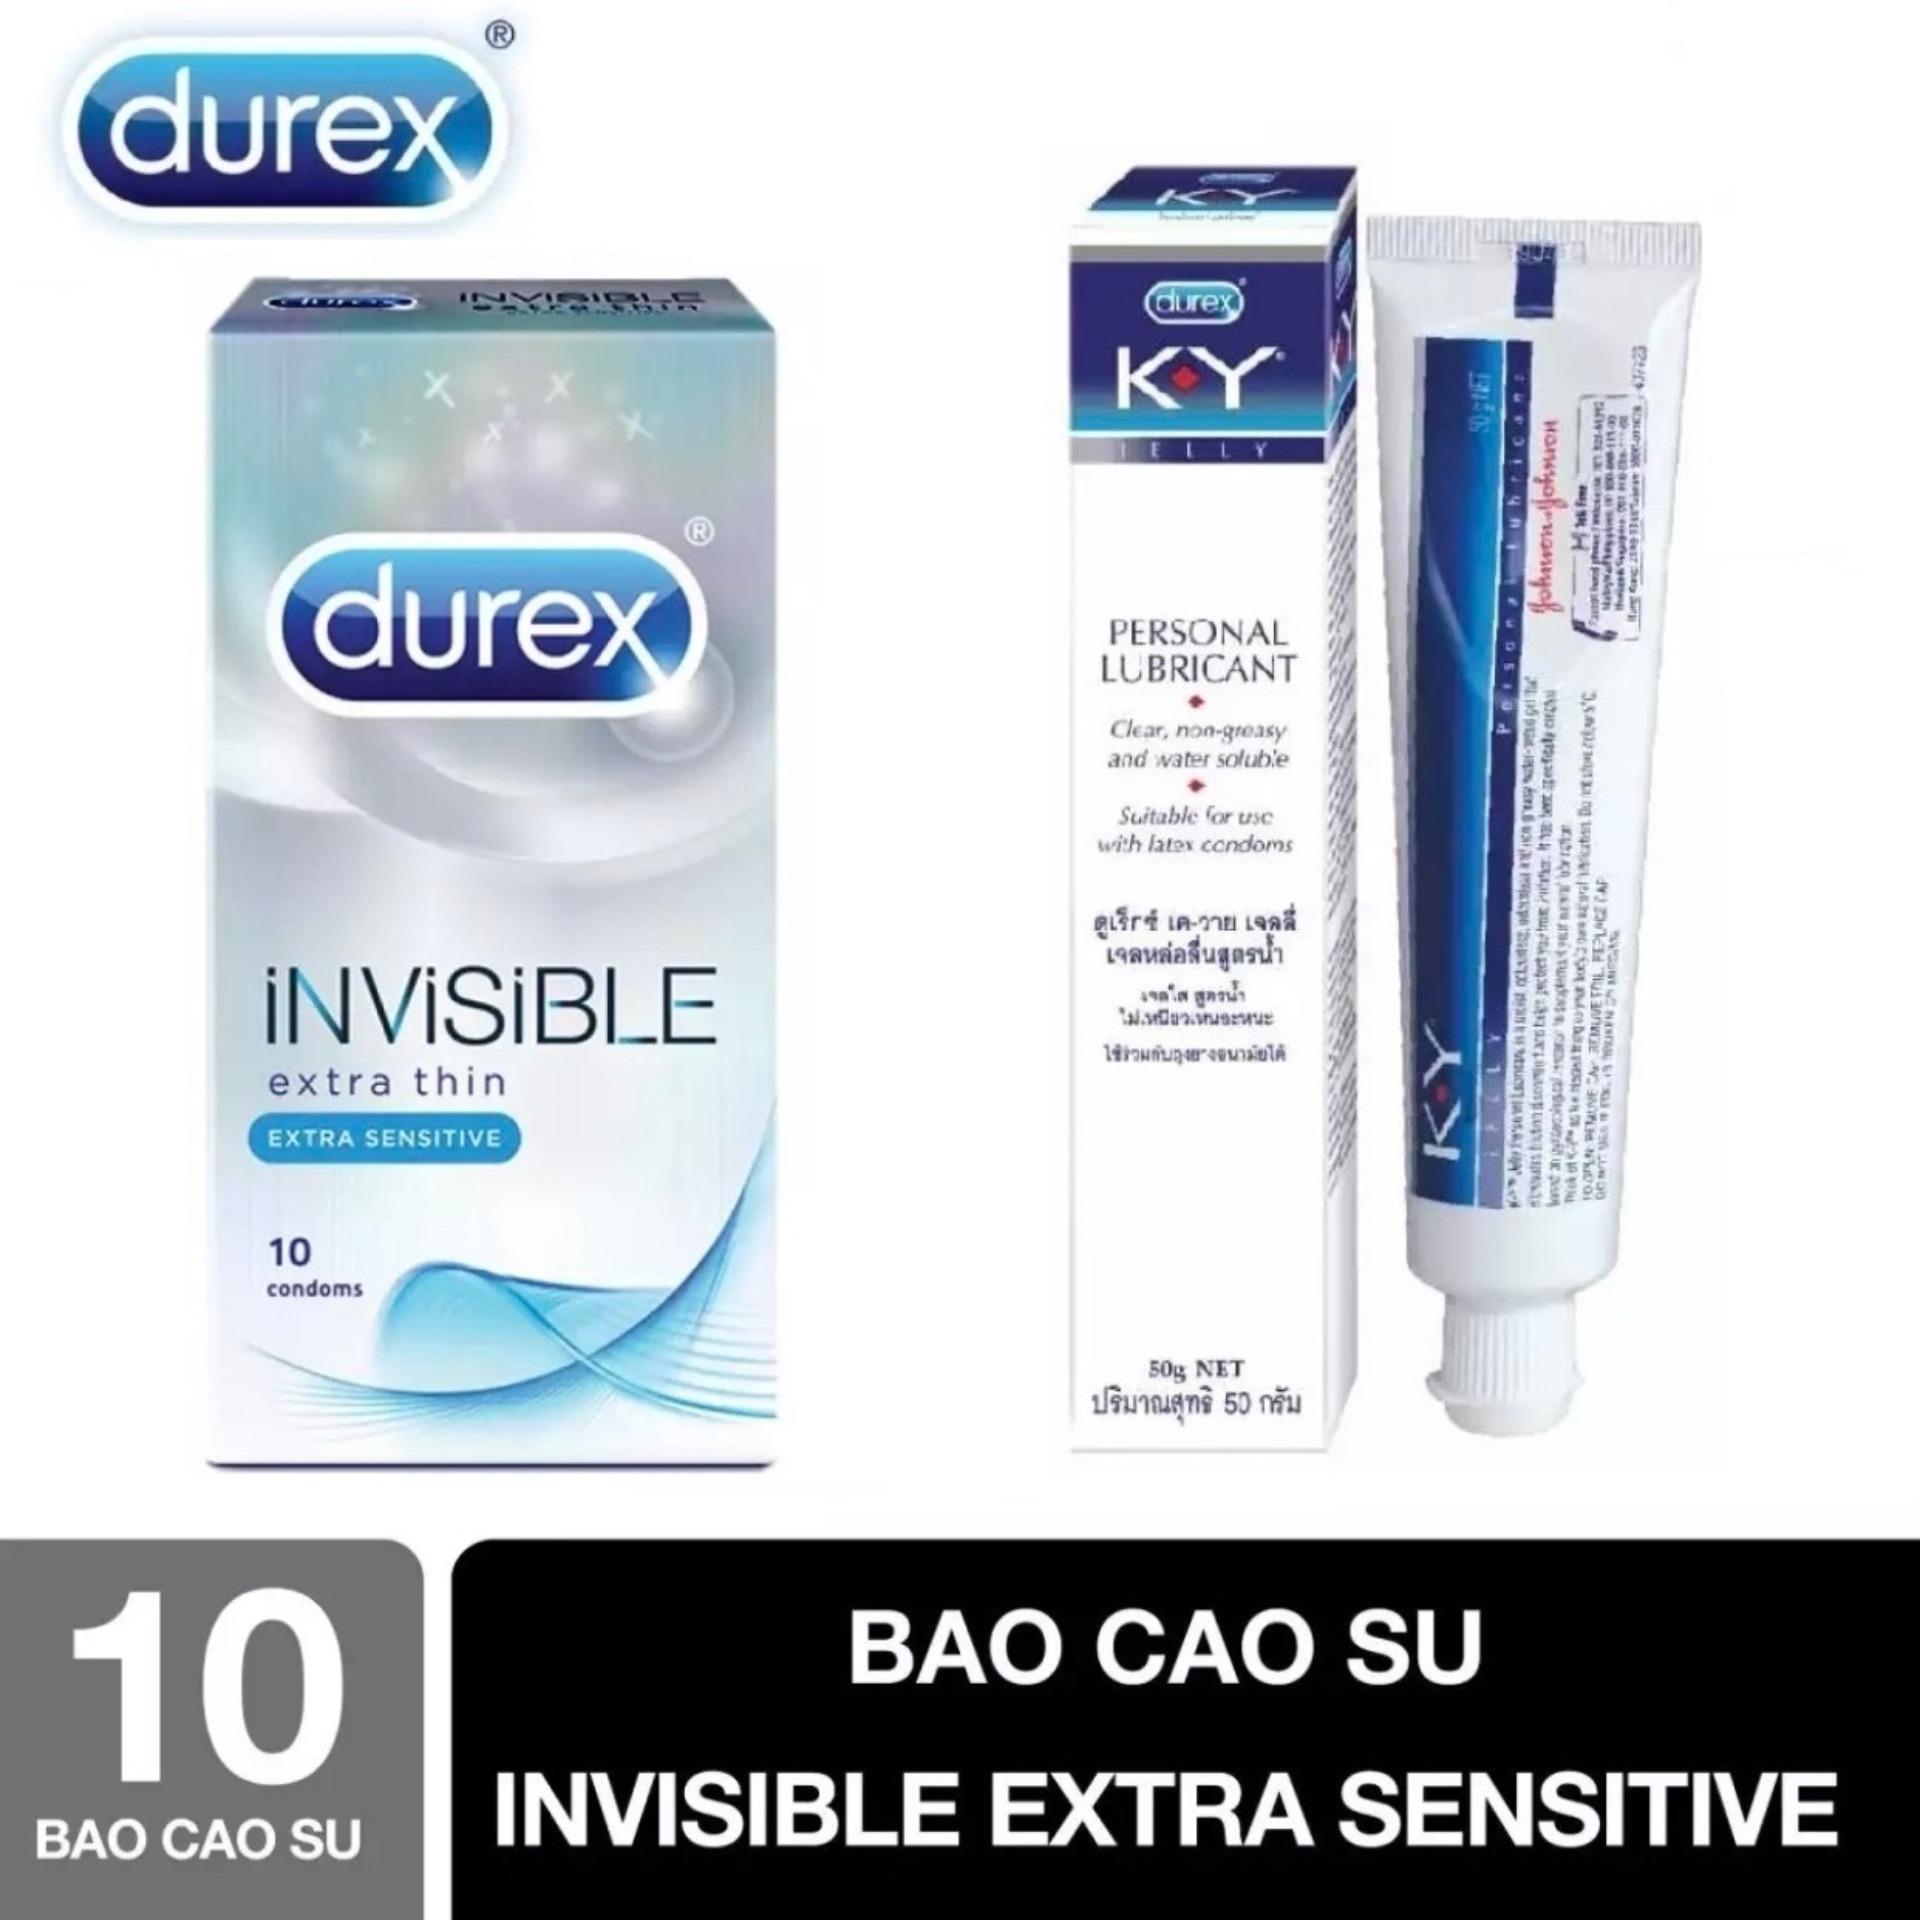 BCS Durex Invisible Extra Thin cực siêu mỏng 10s - tặng Gel bôi trơn Durex KY 50G [che tên sản phẩm] cao cấp